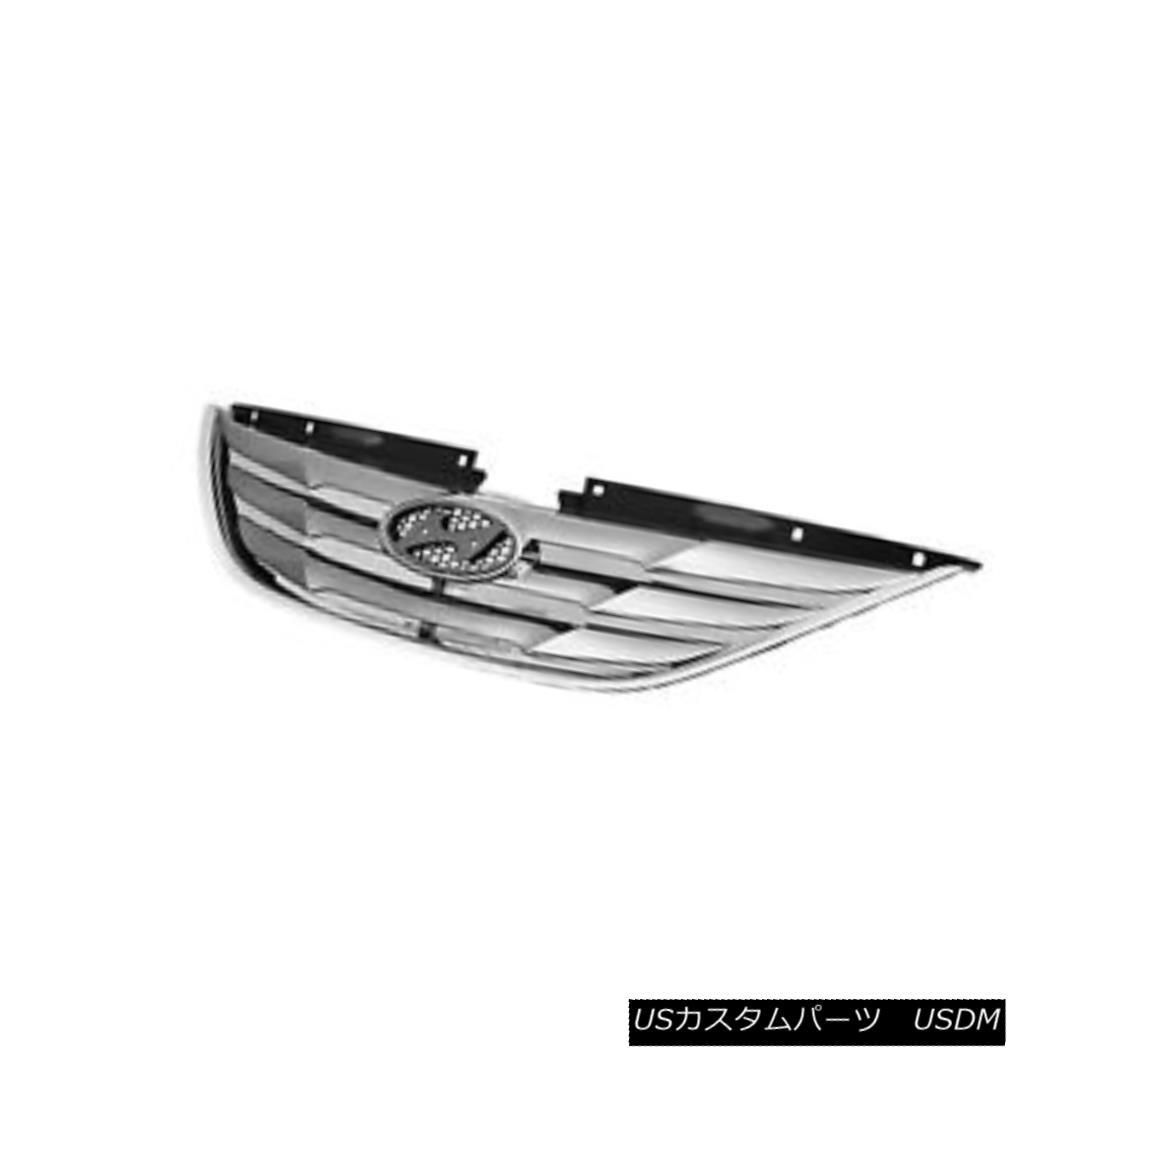 グリル Replacement Grille for 2011 2012 2013 Hyundai Sonata SE Limited Models Value 2011年2012年交換用グリル2013 Hyundai Sonata SE Limitedモデル値